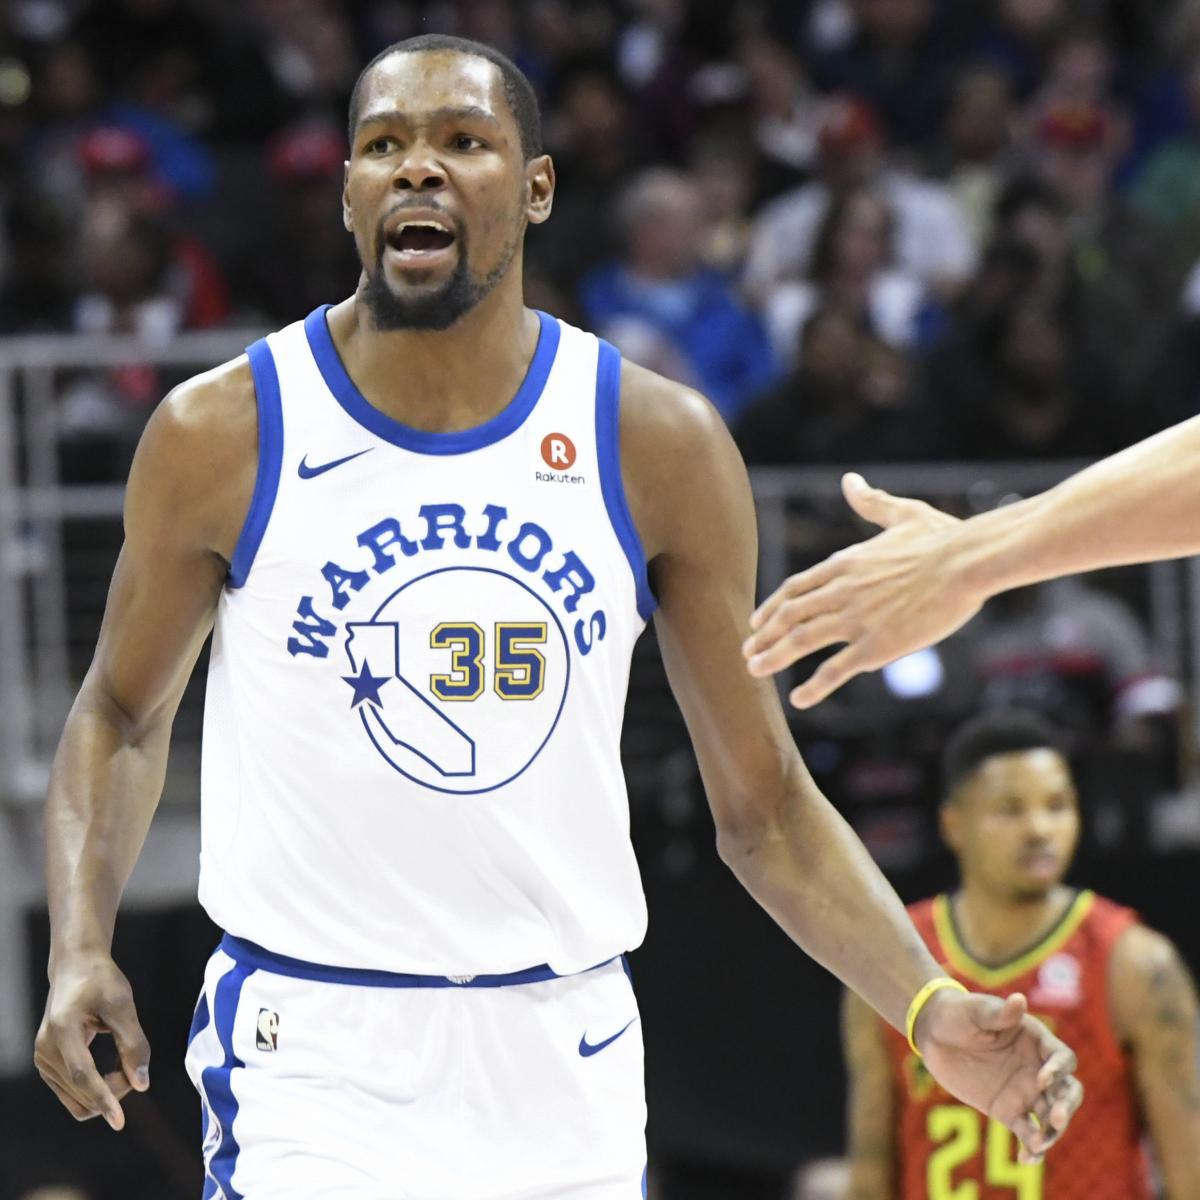 Rockets Vs Warriors Odds 2018: San Antonio Spurs Vs. Golden State Warriors: Odds